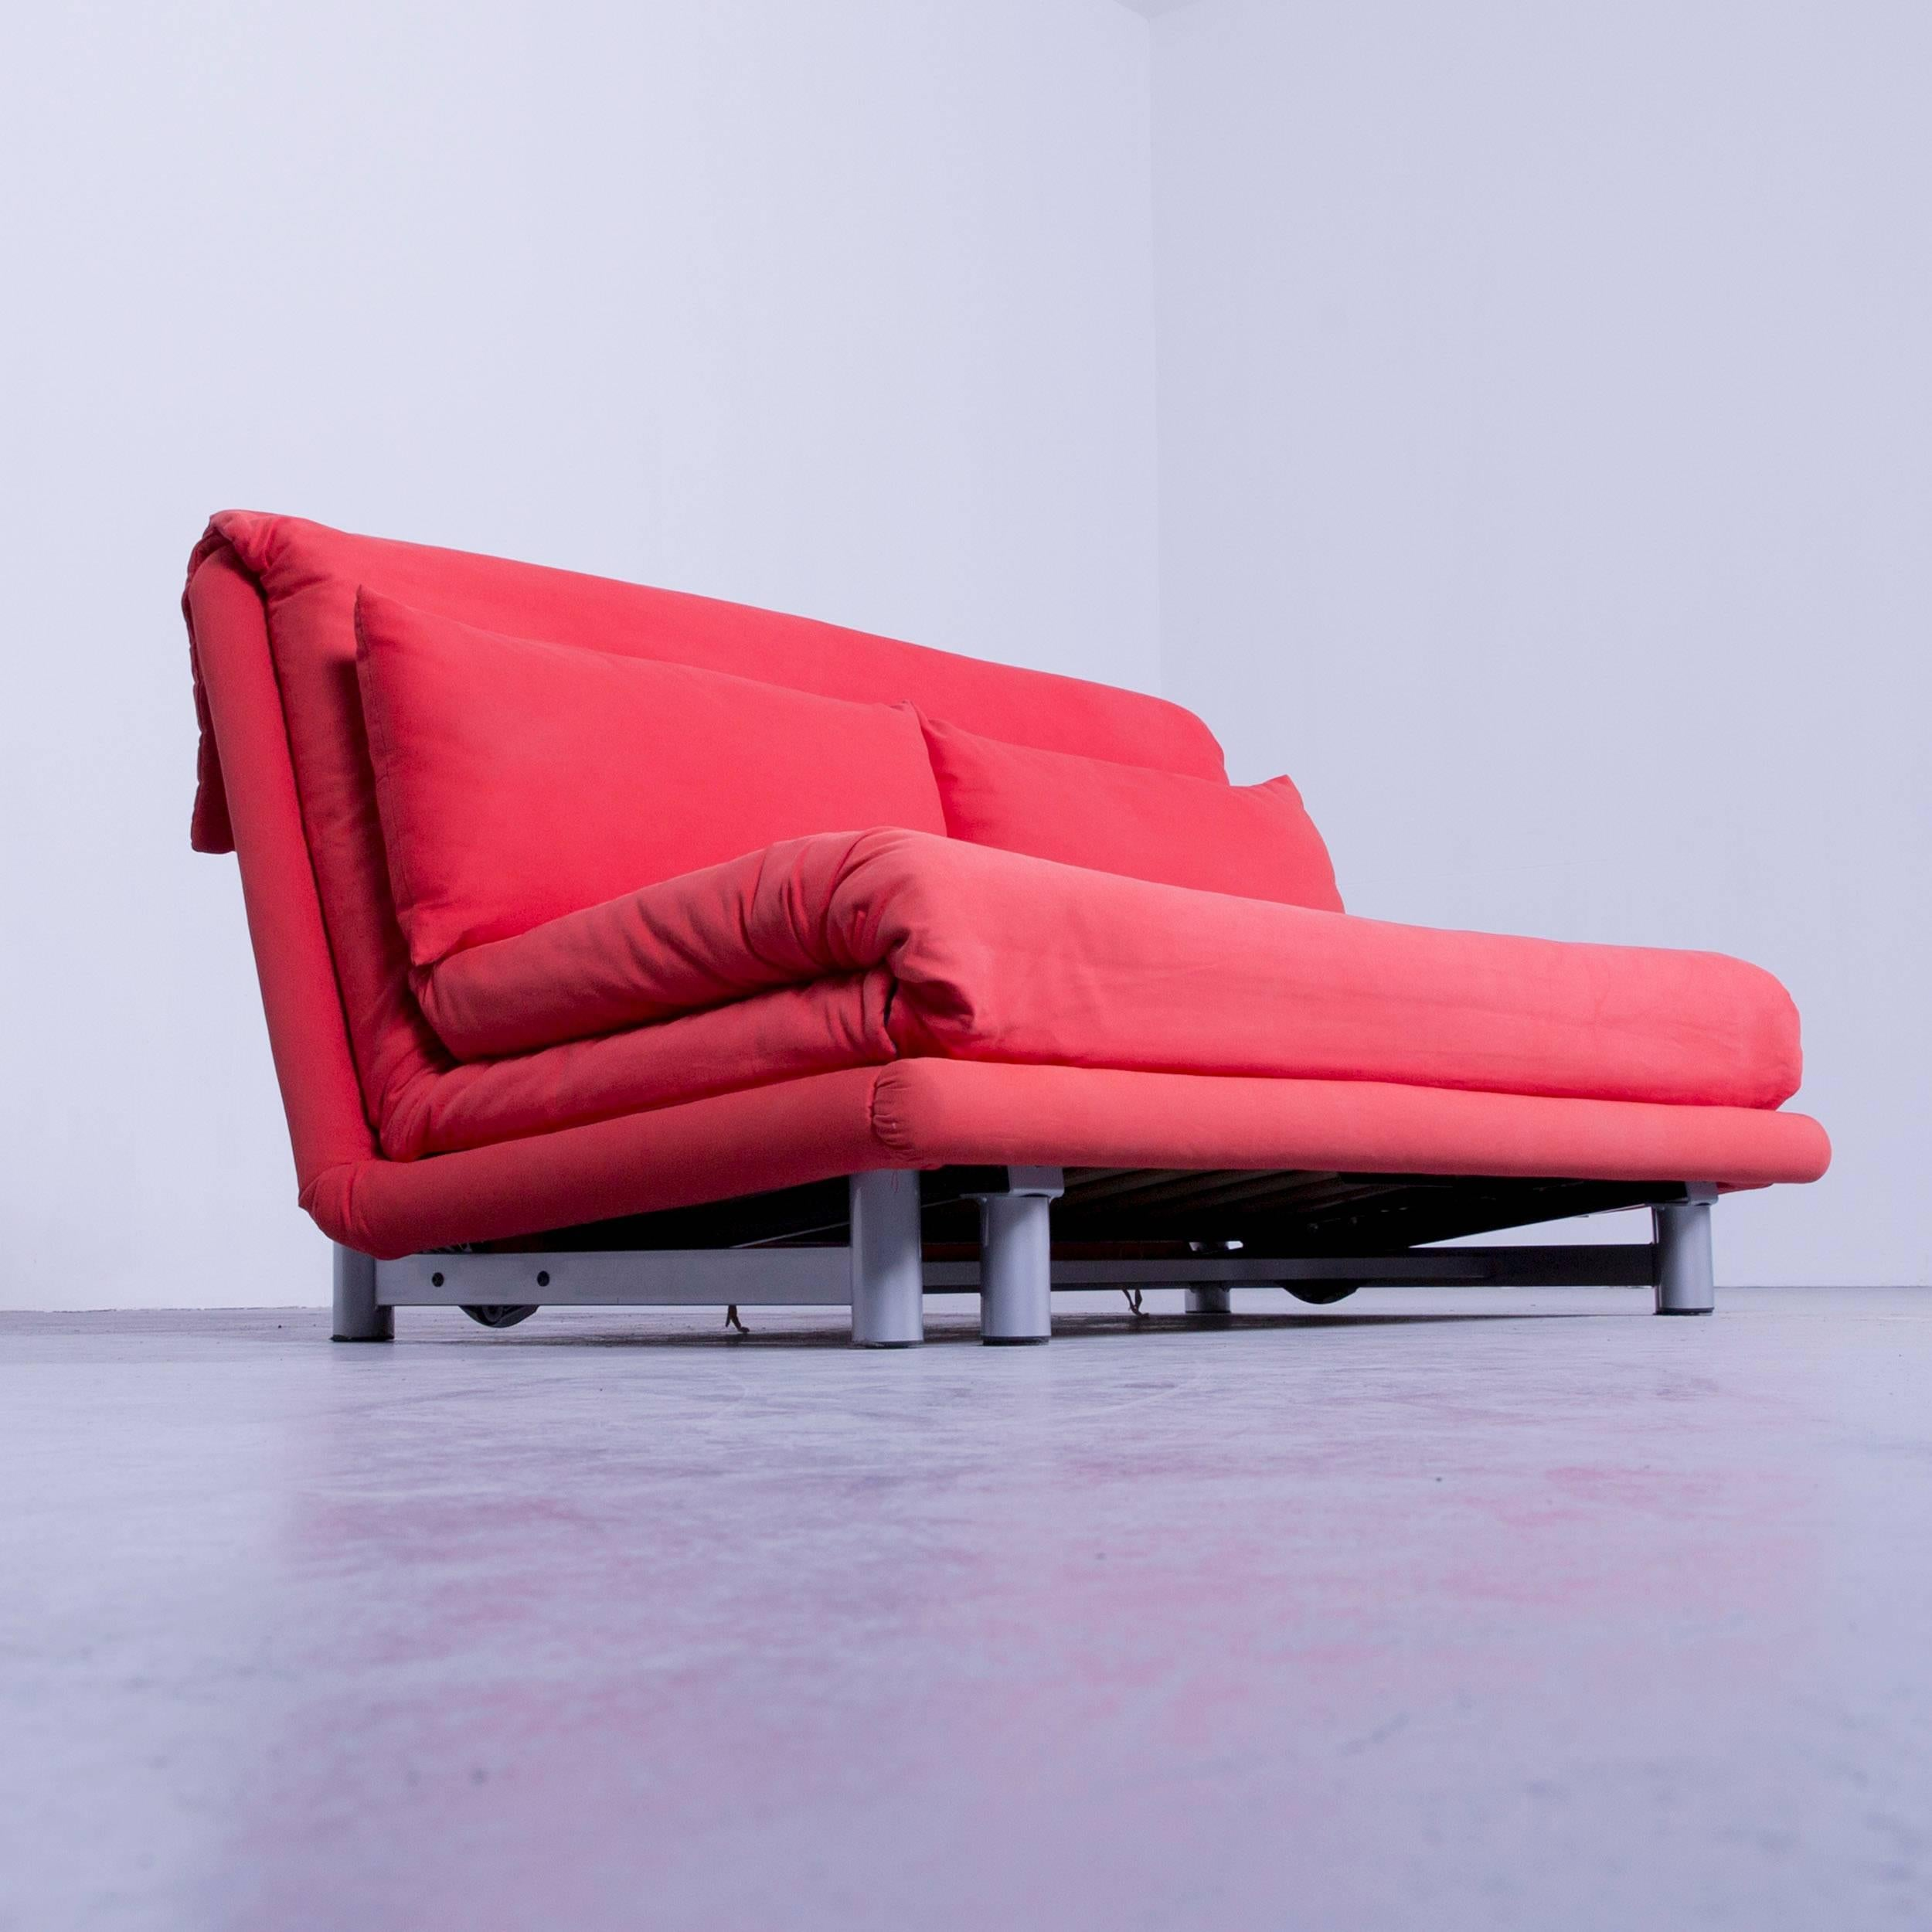 zweisitzer sofa mit beautiful ikea karlstad er sofa zweisitzer couch mit recamiere bezug. Black Bedroom Furniture Sets. Home Design Ideas